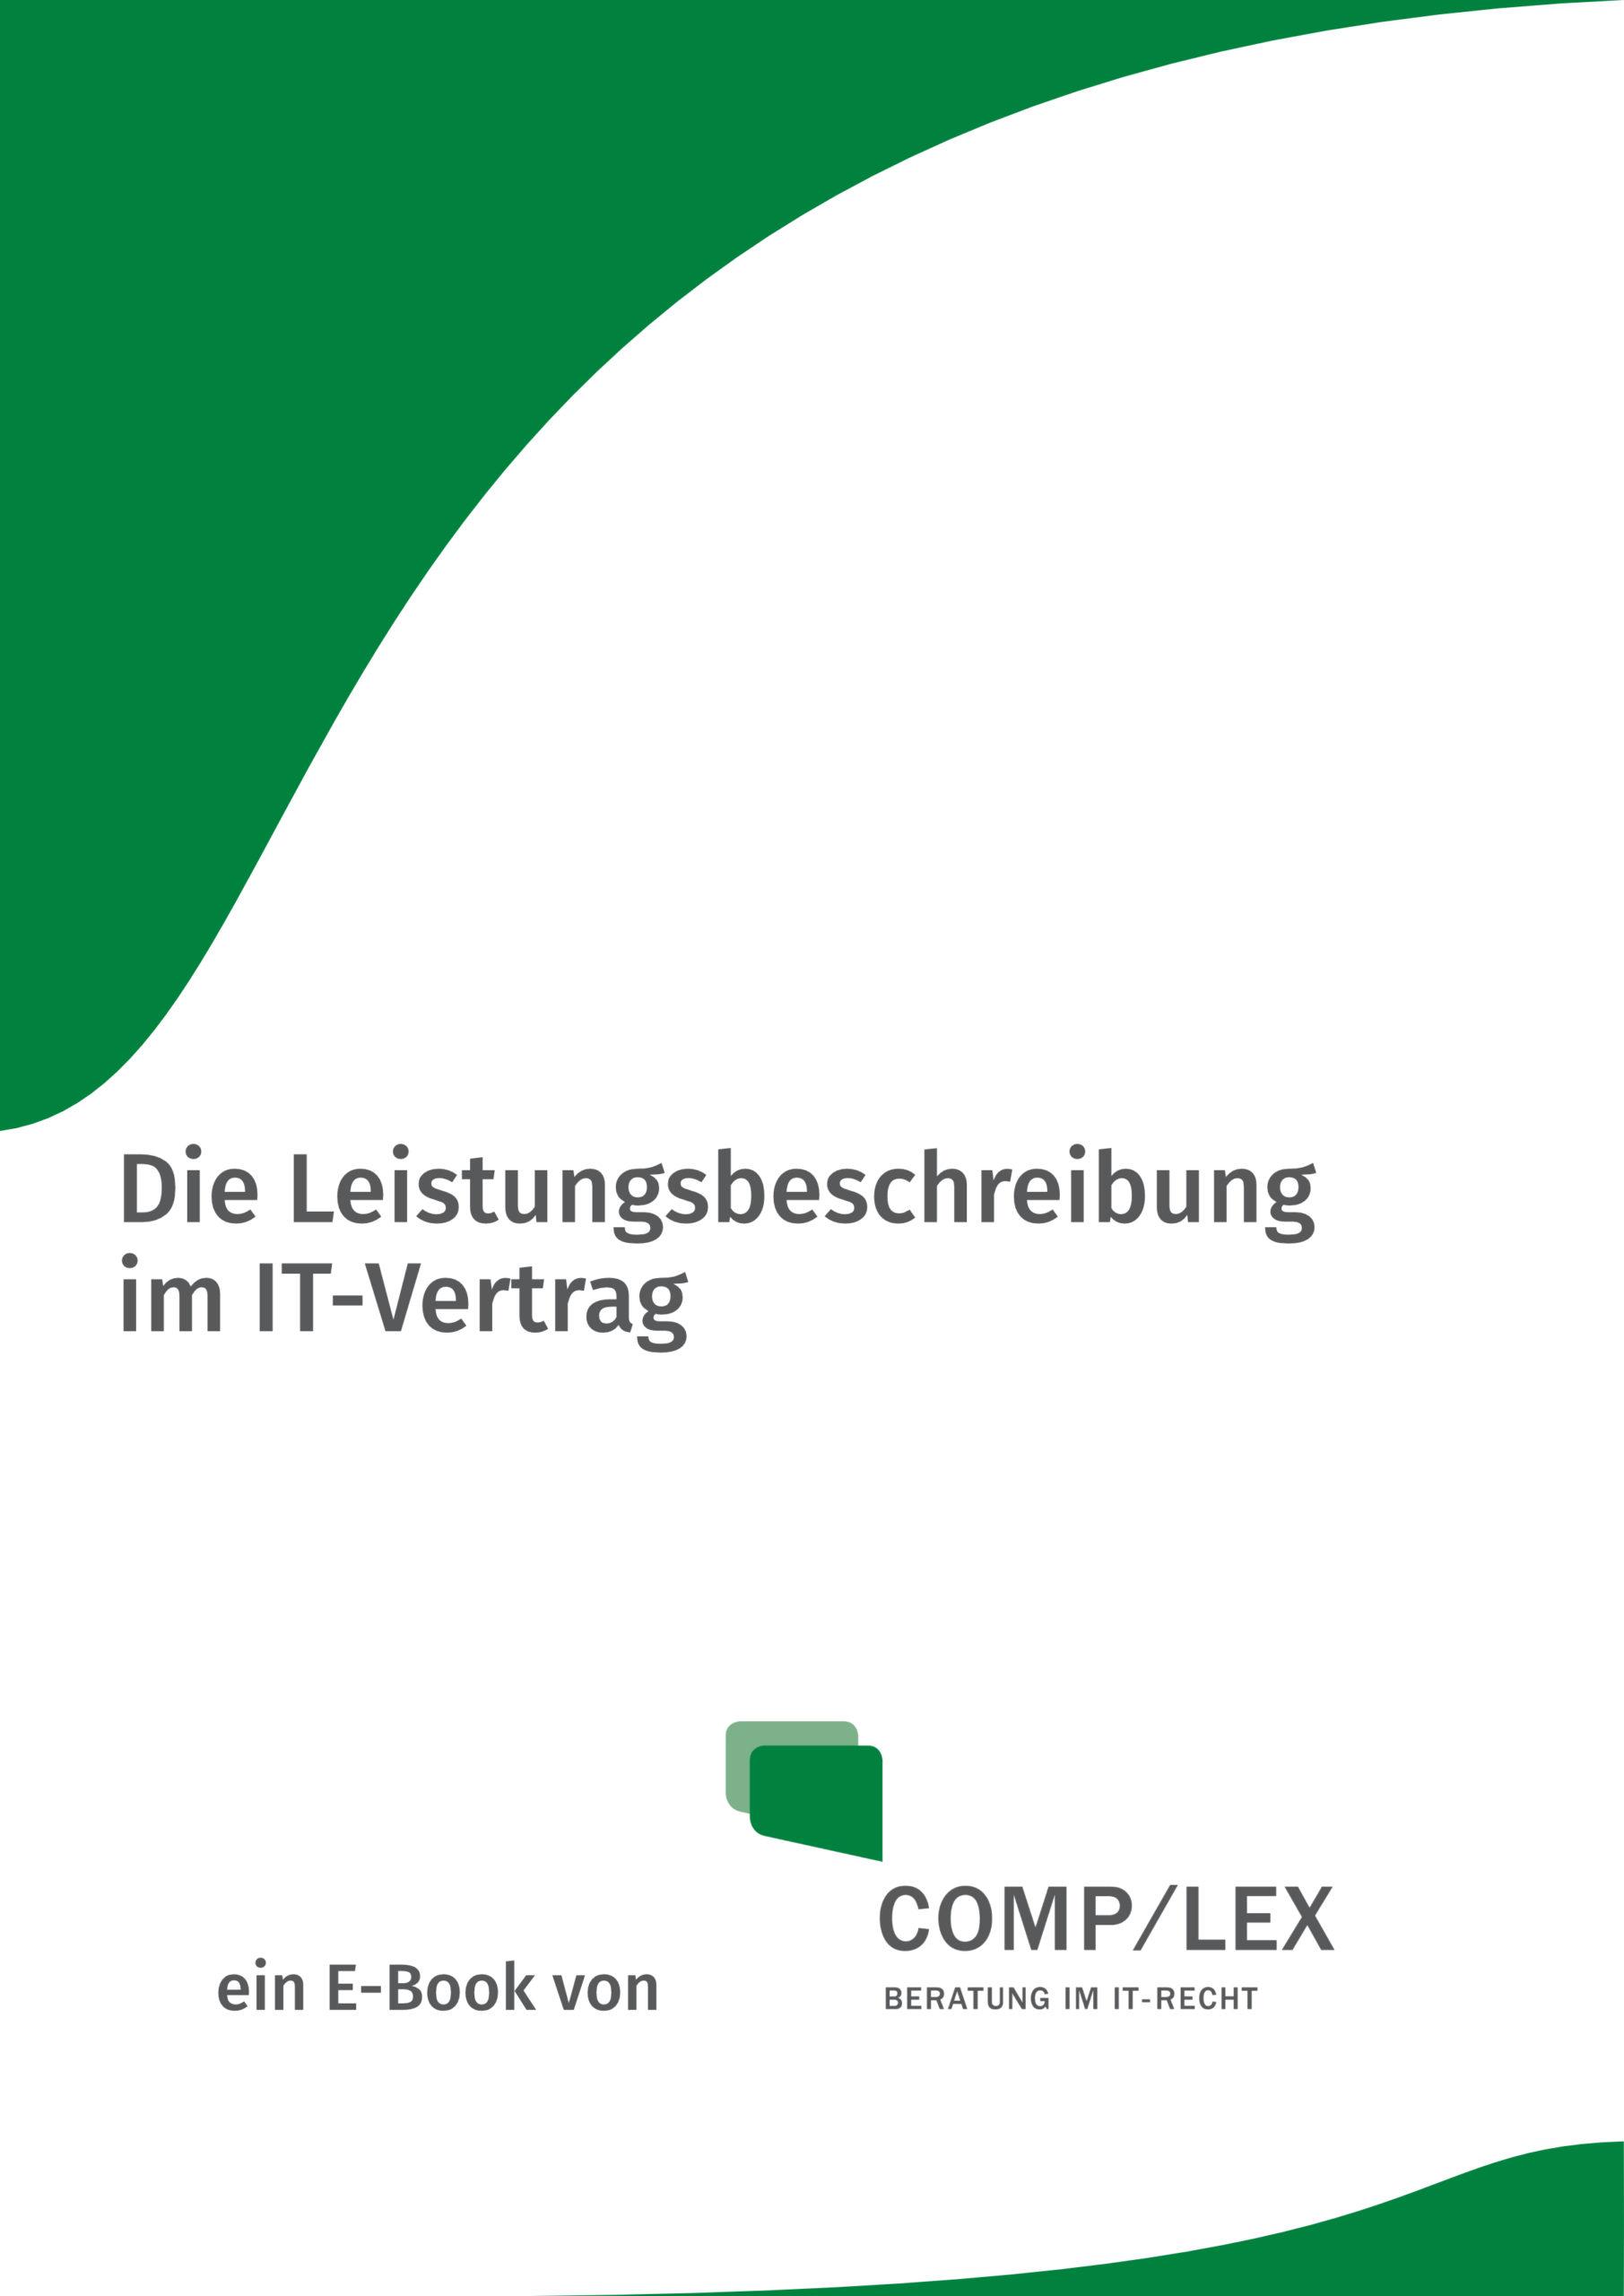 E-Book: Die Leistungsbeschreibung im IT-Vertrag